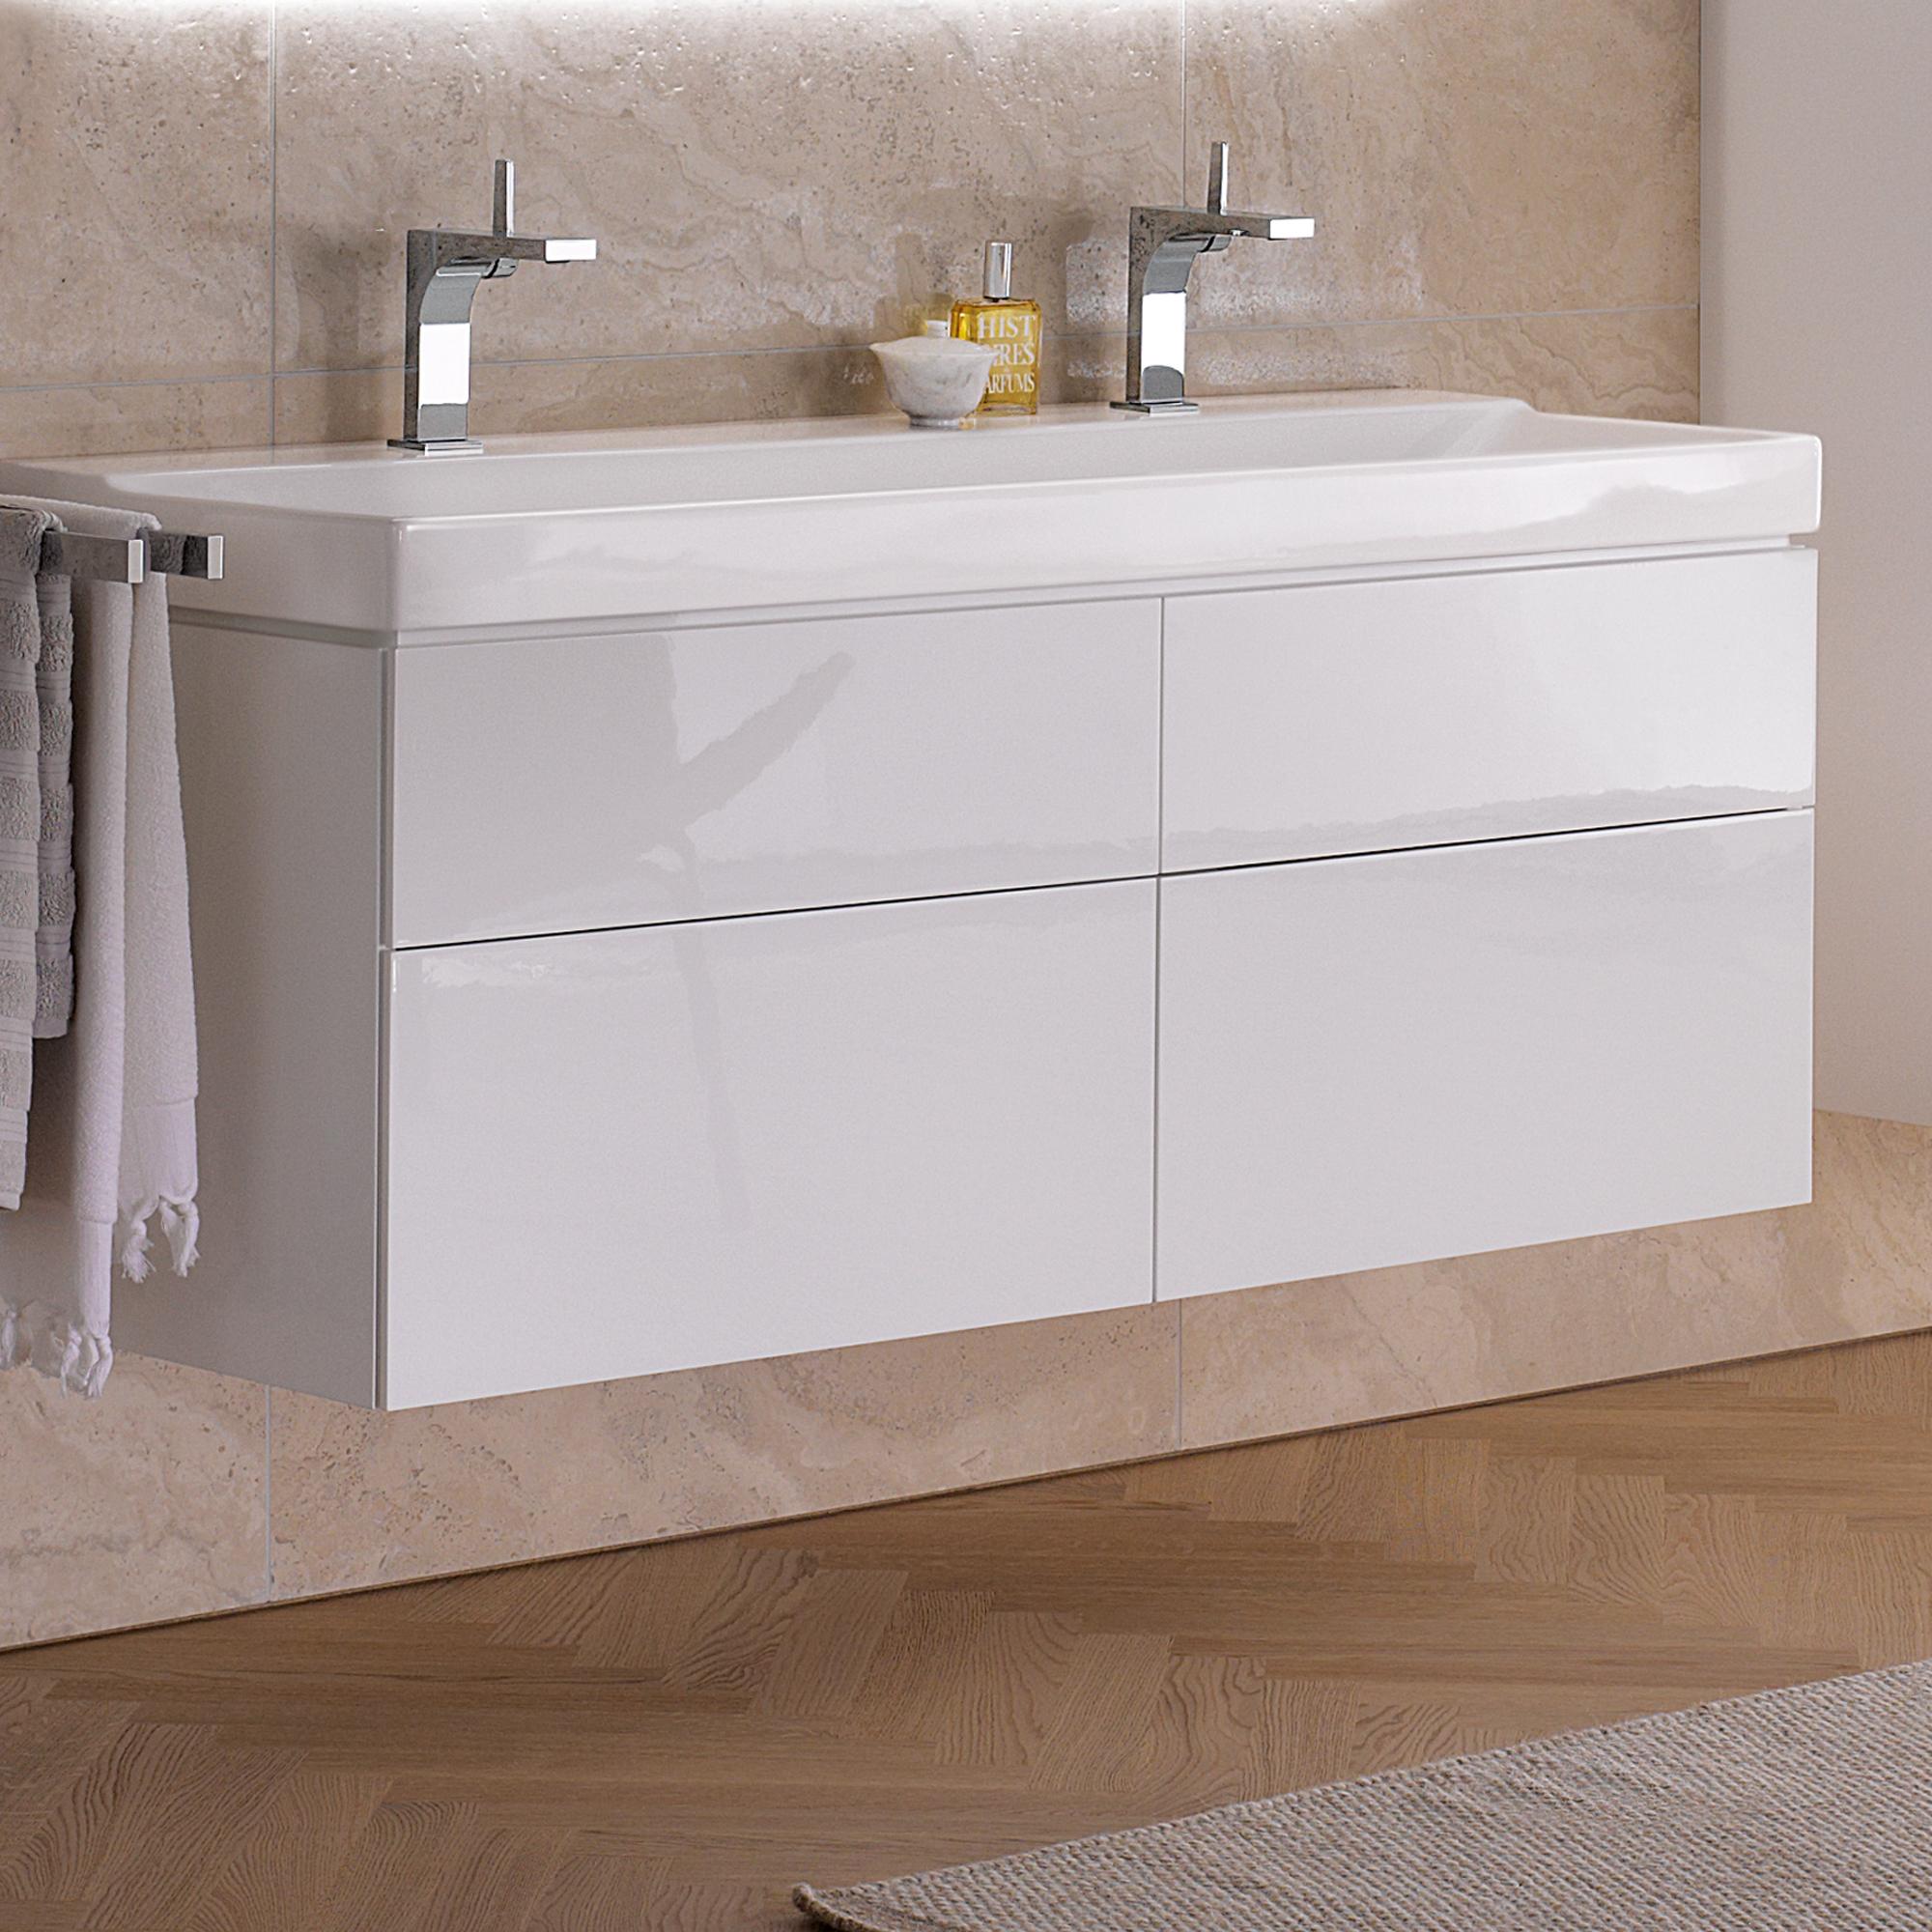 keramag xeno waschtischunterschrank b 117 4 h 53 t 46. Black Bedroom Furniture Sets. Home Design Ideas